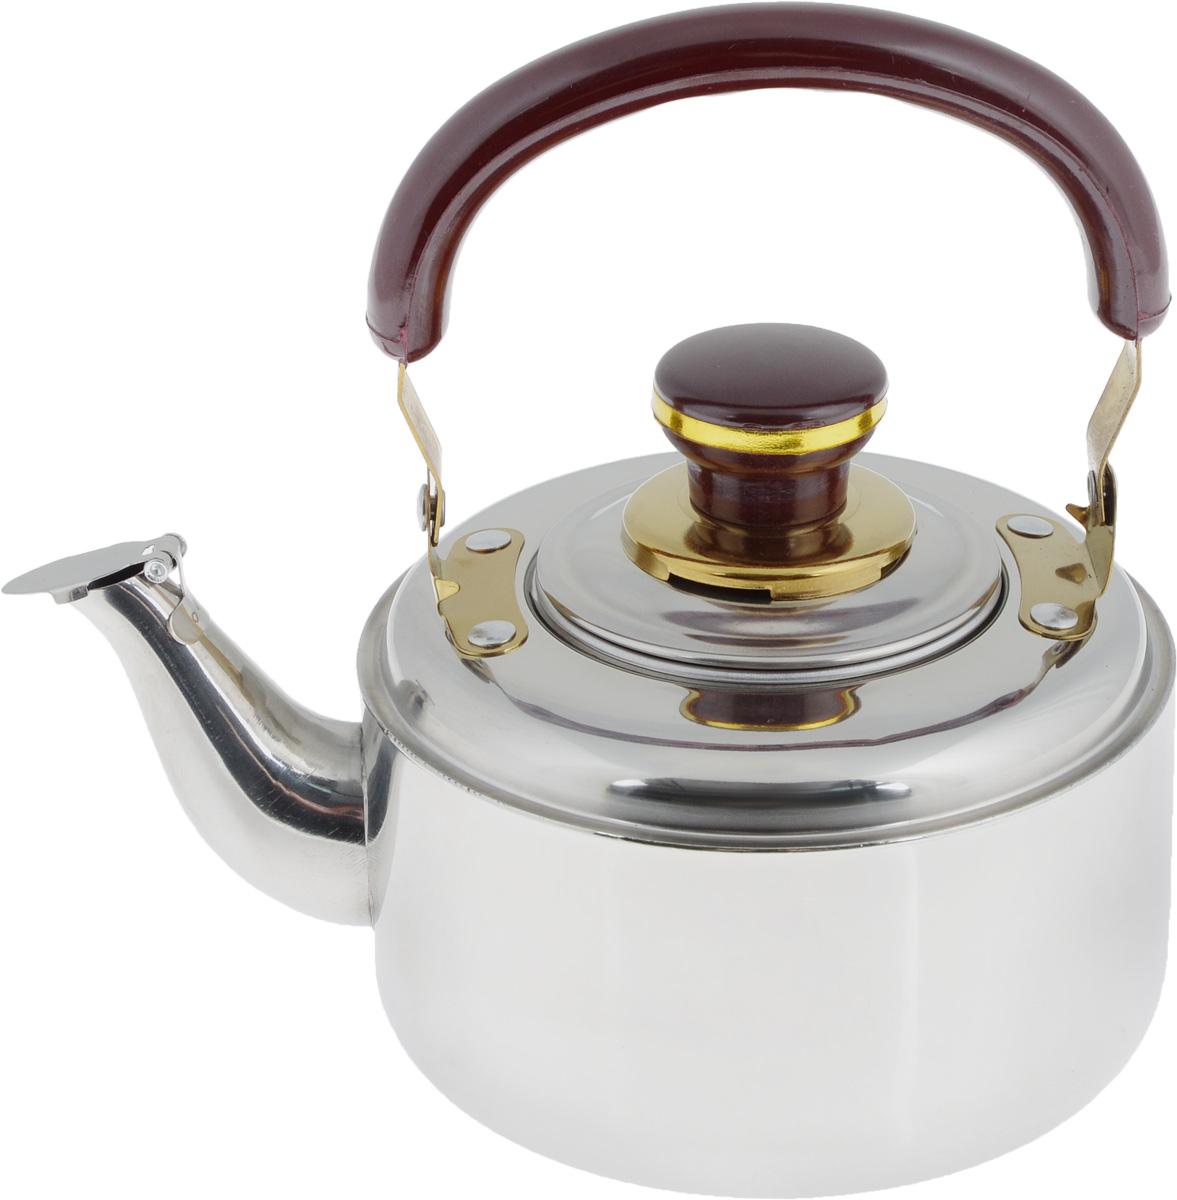 Чайник заварочный Mayer & Boch, со свистком, с фильтром, 1 л. 40024851Заварочный чайник Mayer & Boch выполнен извысококачественнойнержавеющей стали, что обеспечивает долговечностьиспользования. Внешнее зеркальное покрытие придаетприятный внешний вид. Бакелитовая ручка делаетиспользование чайника очень удобным и безопасным. Крышкаоснащена свистком, что позволит вам контролировать процесс подогрева или кипячения воды. Чайник оснащен фильтром, с помощьюкоторого можно заваривать ваш любимый чай. Можно мыть в посудомоечной машине. Пригоден для газовых,электрических и стеклокерамических плит, кромеиндукционных.Диаметр чайника по верхнему краю: 7 см.Высота чайника (без учета крышки и ручки): 8,5 см.Высота чайника (с учетом крышки и ручки): 18 см.Размер фильтра: 7,5 х 7,5 х 5,5 см.